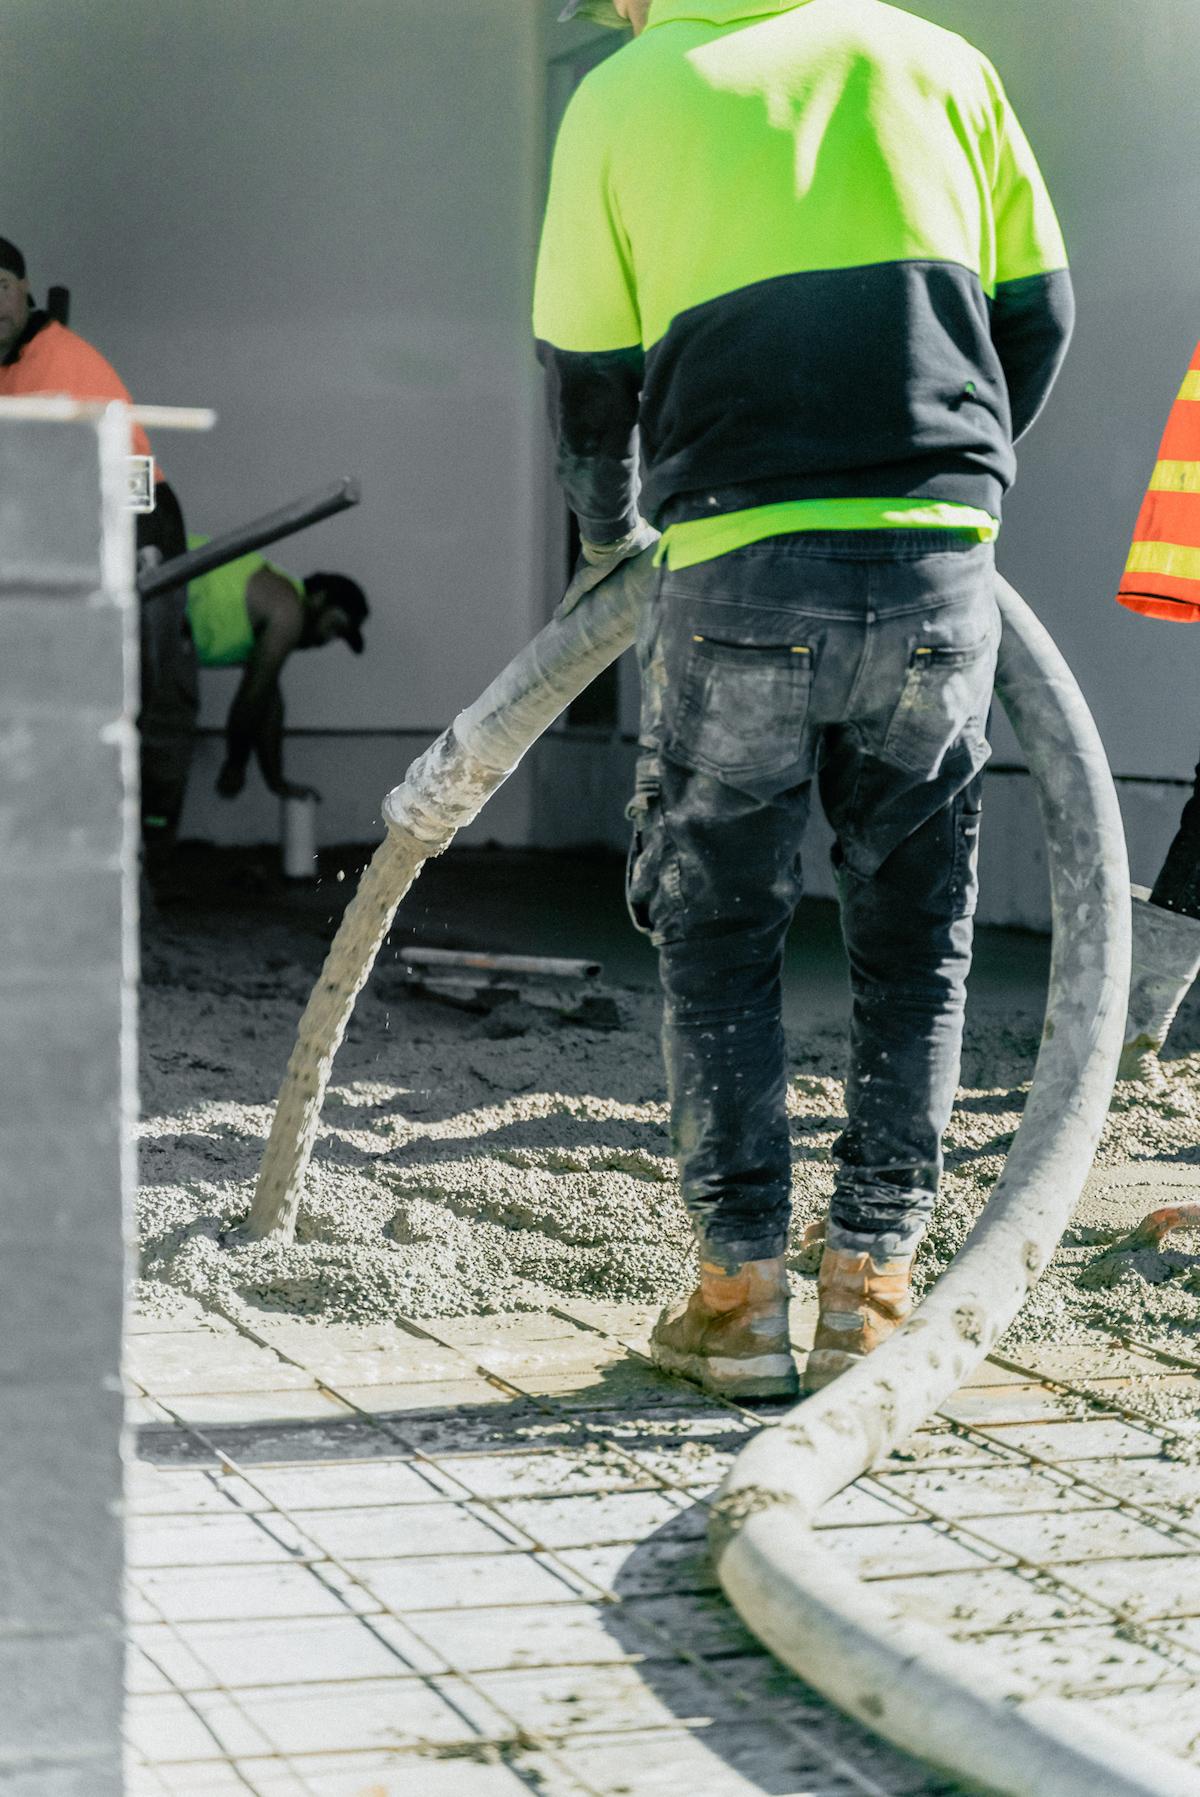 concrete pumping for concrete pavement construction